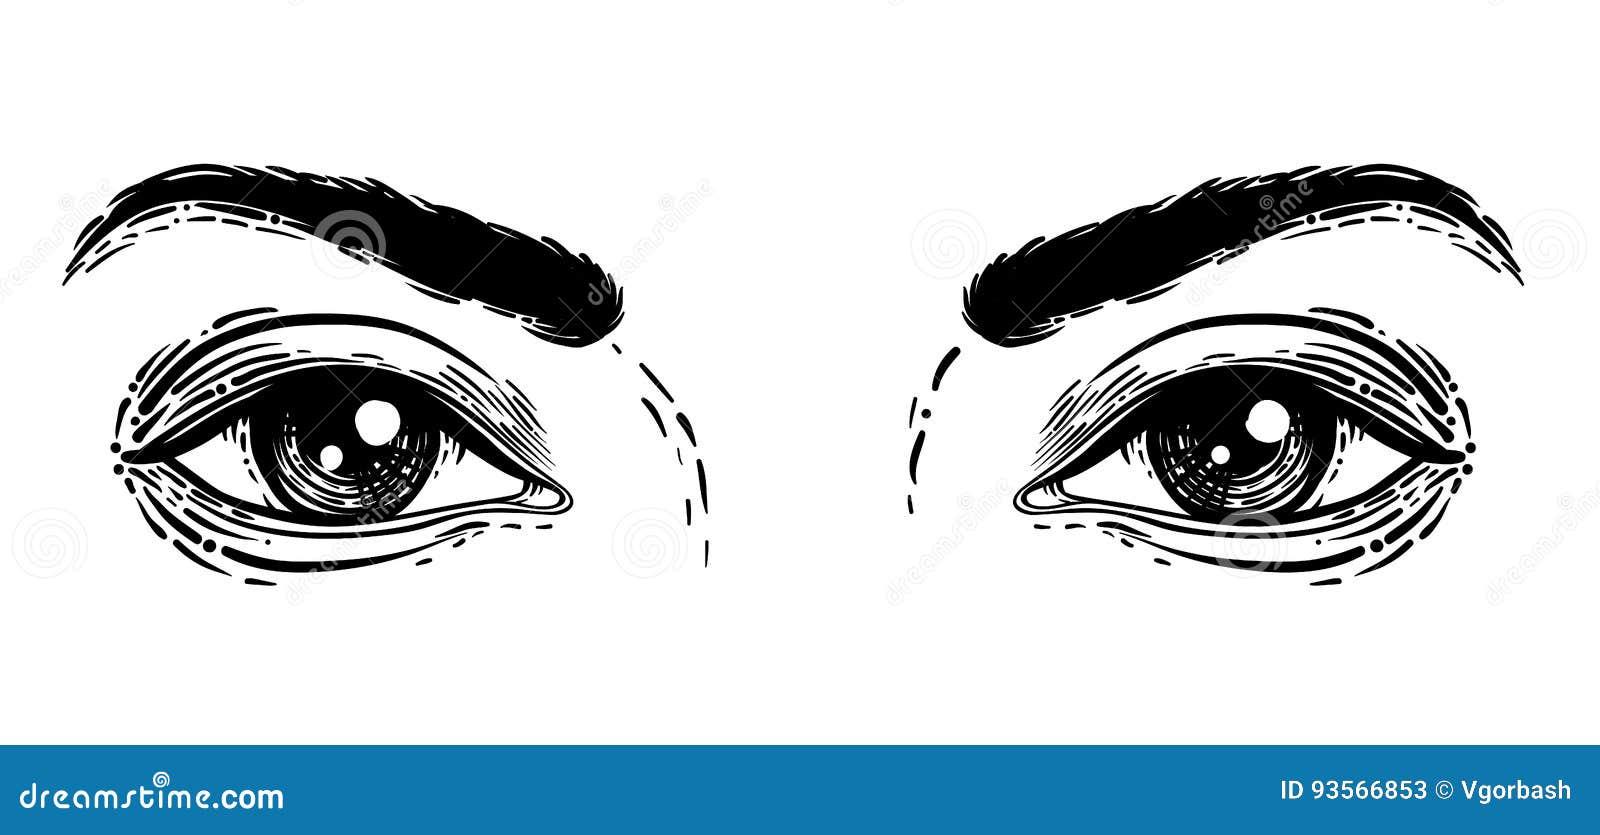 Ilustracao Do Vetor Dos Olhos Humanos No Gravado Desenho Da Mao Em